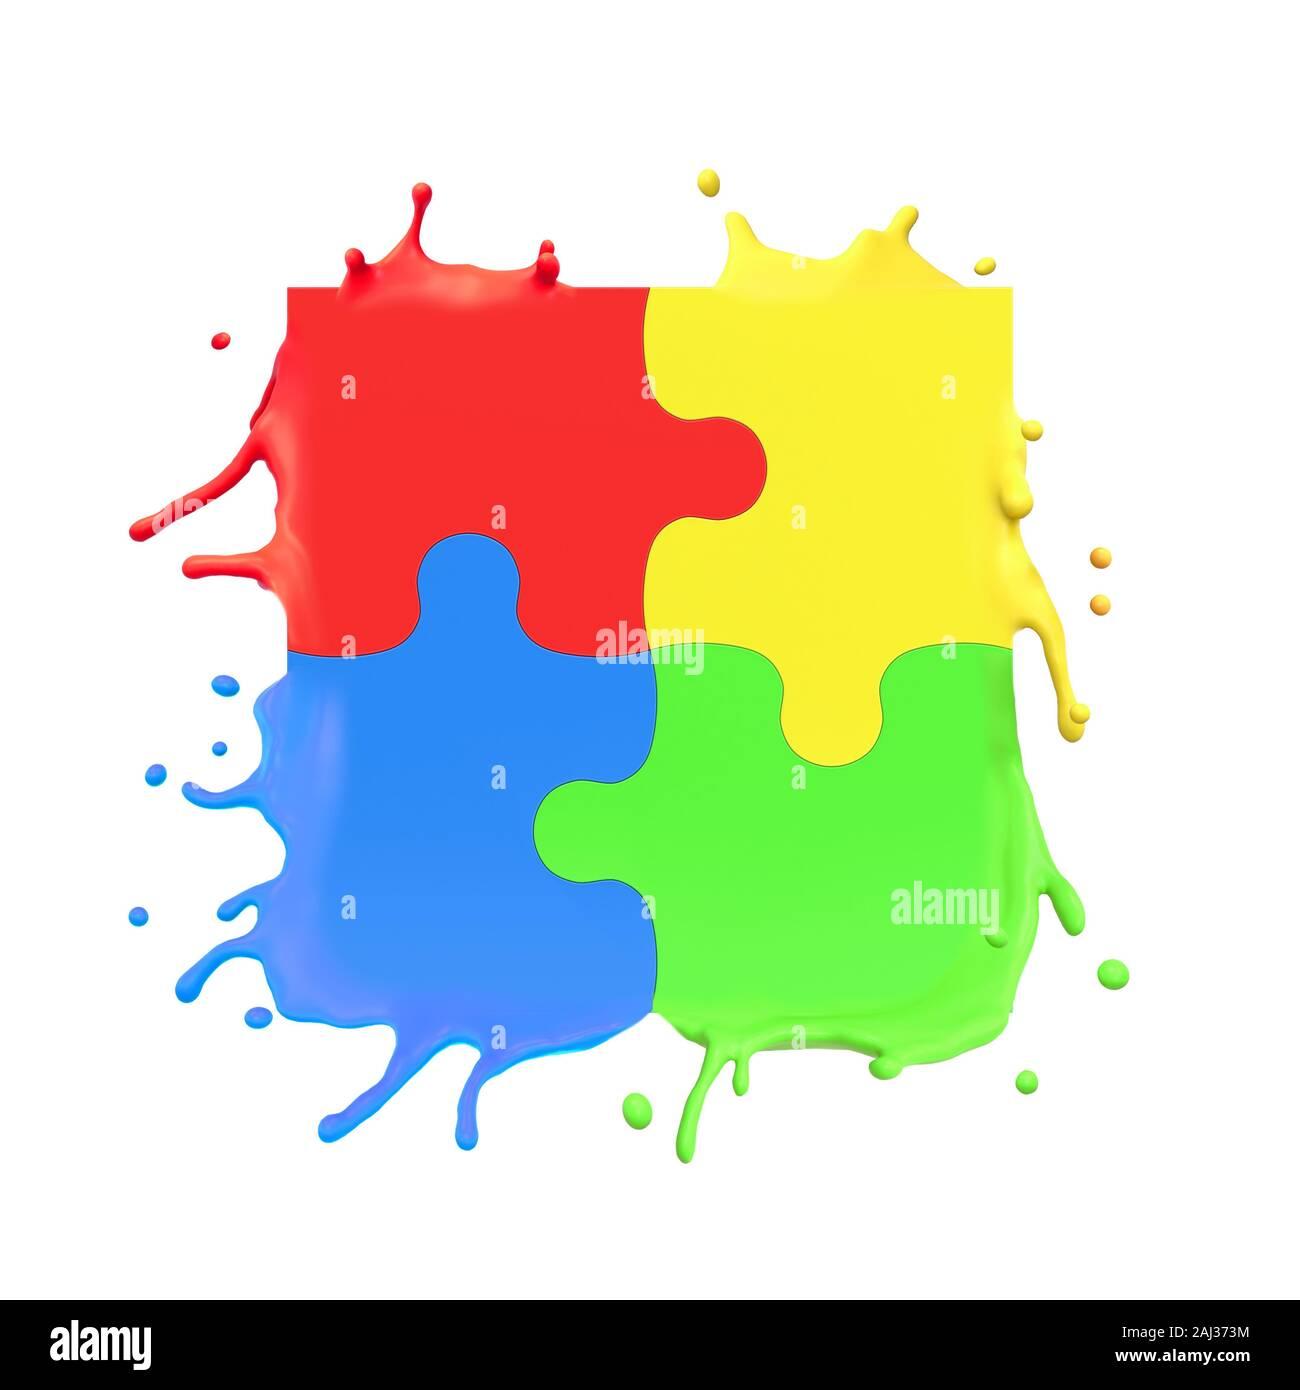 3D rendering de coloridas piezas de rompecabezas